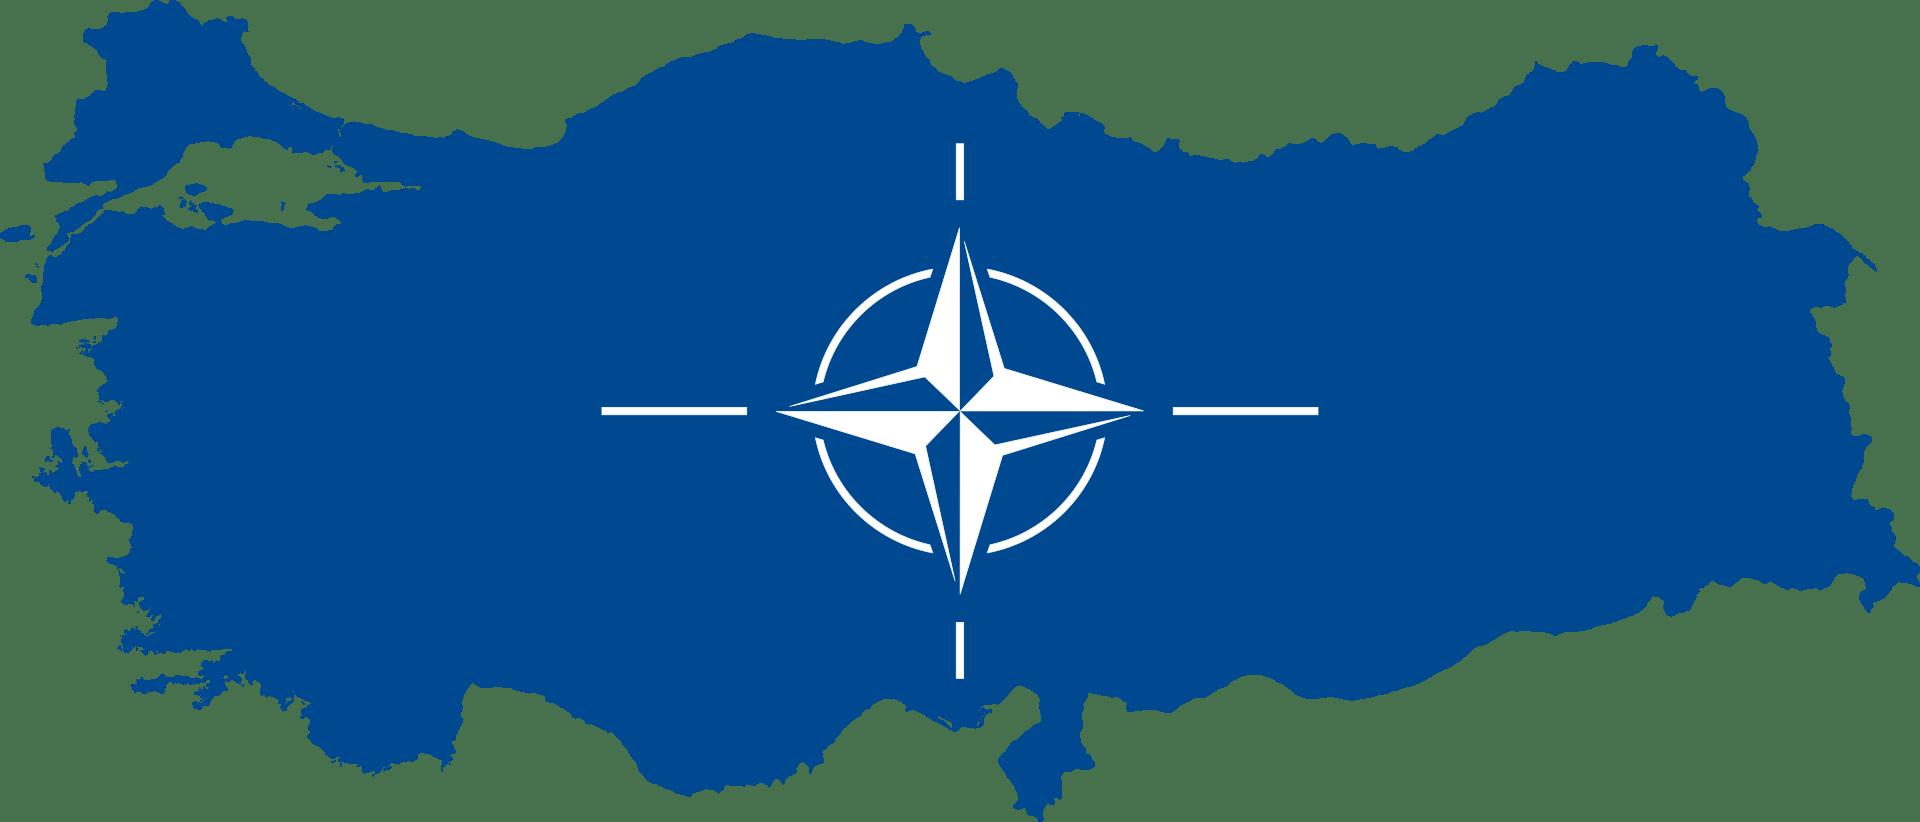 Warum die Türkei nicht mehr länger in der NATO bleiben kann